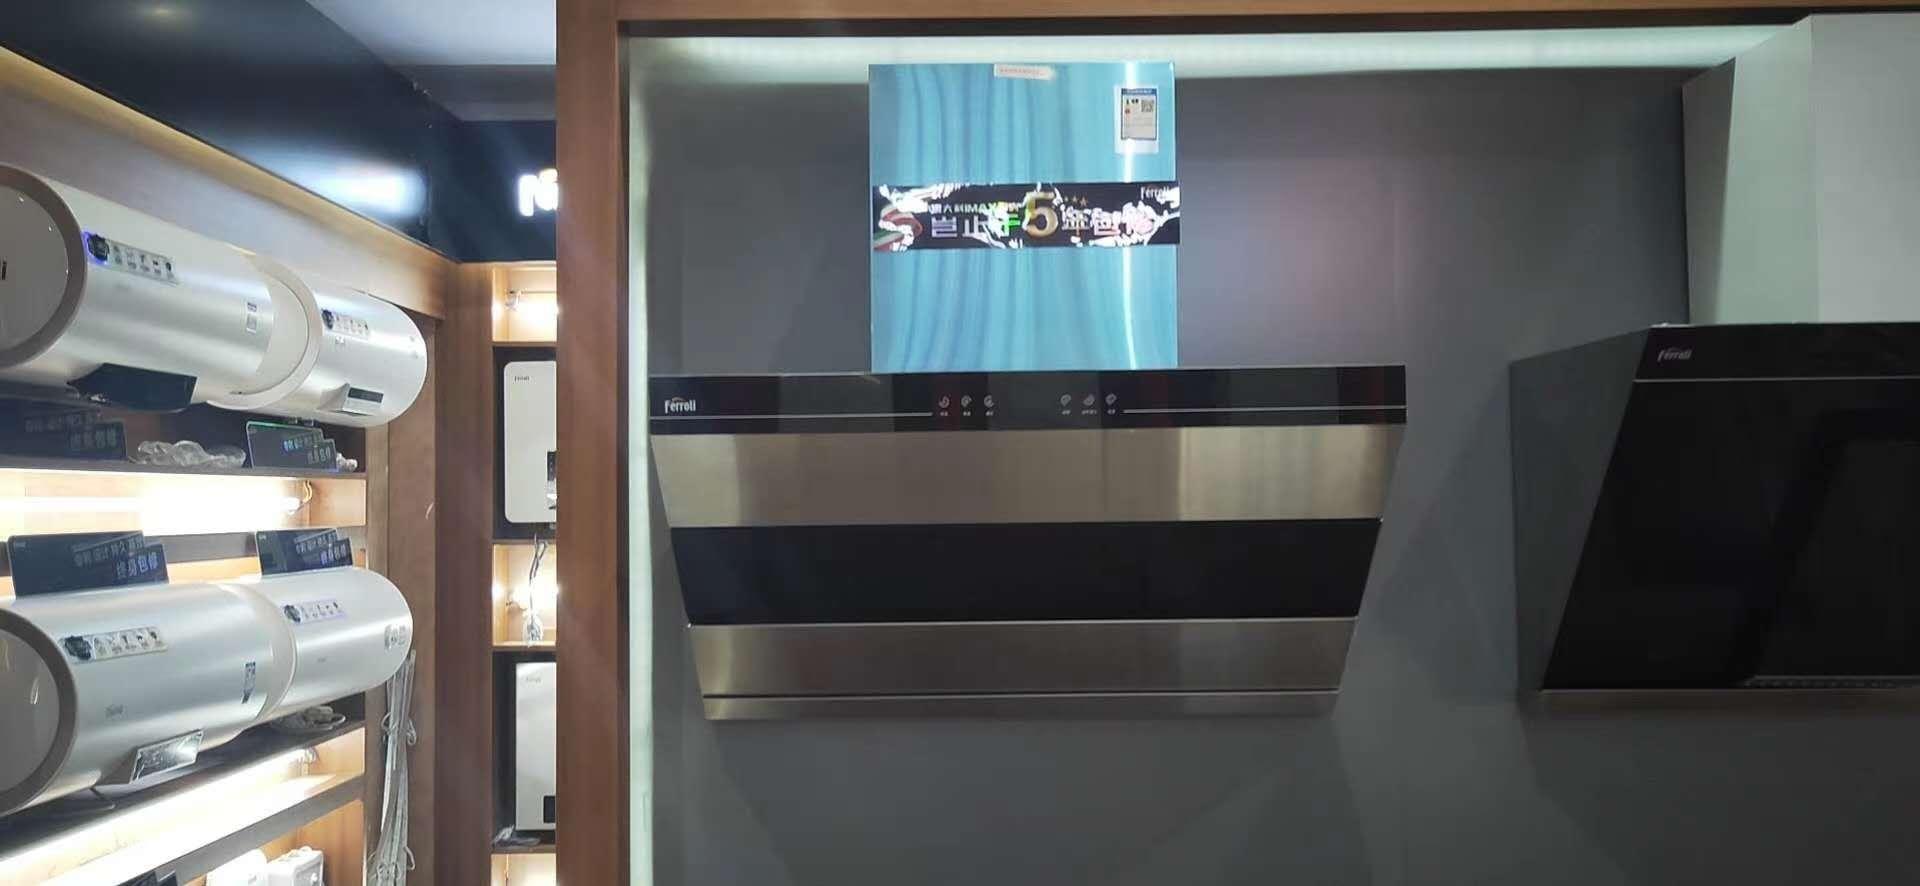 法罗力意大利MAX厨房用具给你和家人安全、健康的优质生活